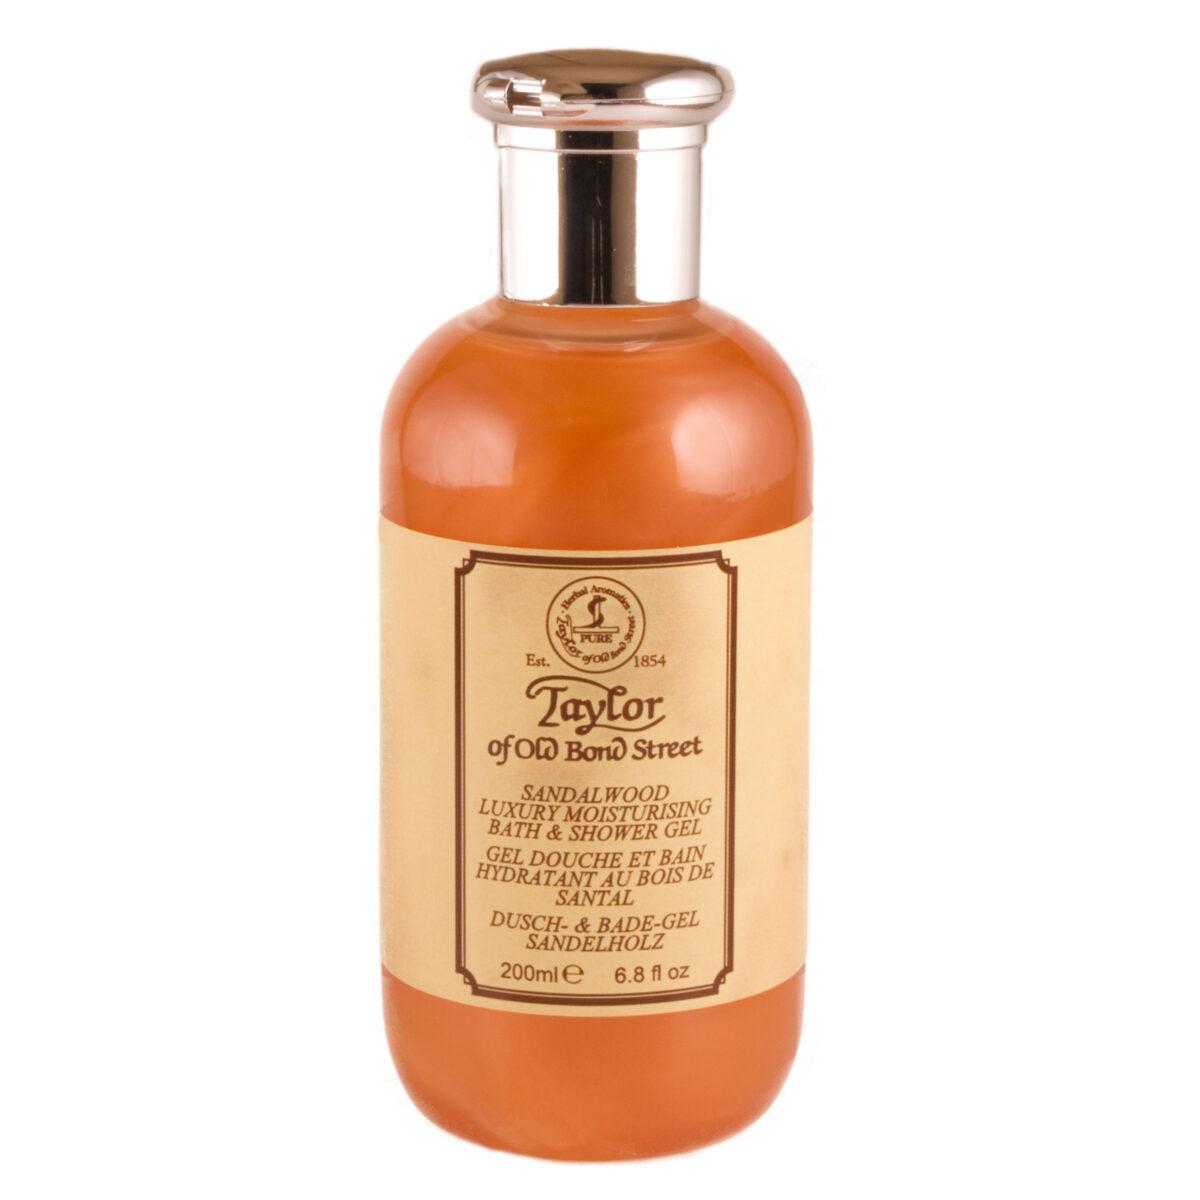 TOBS bath & shower body wash gel